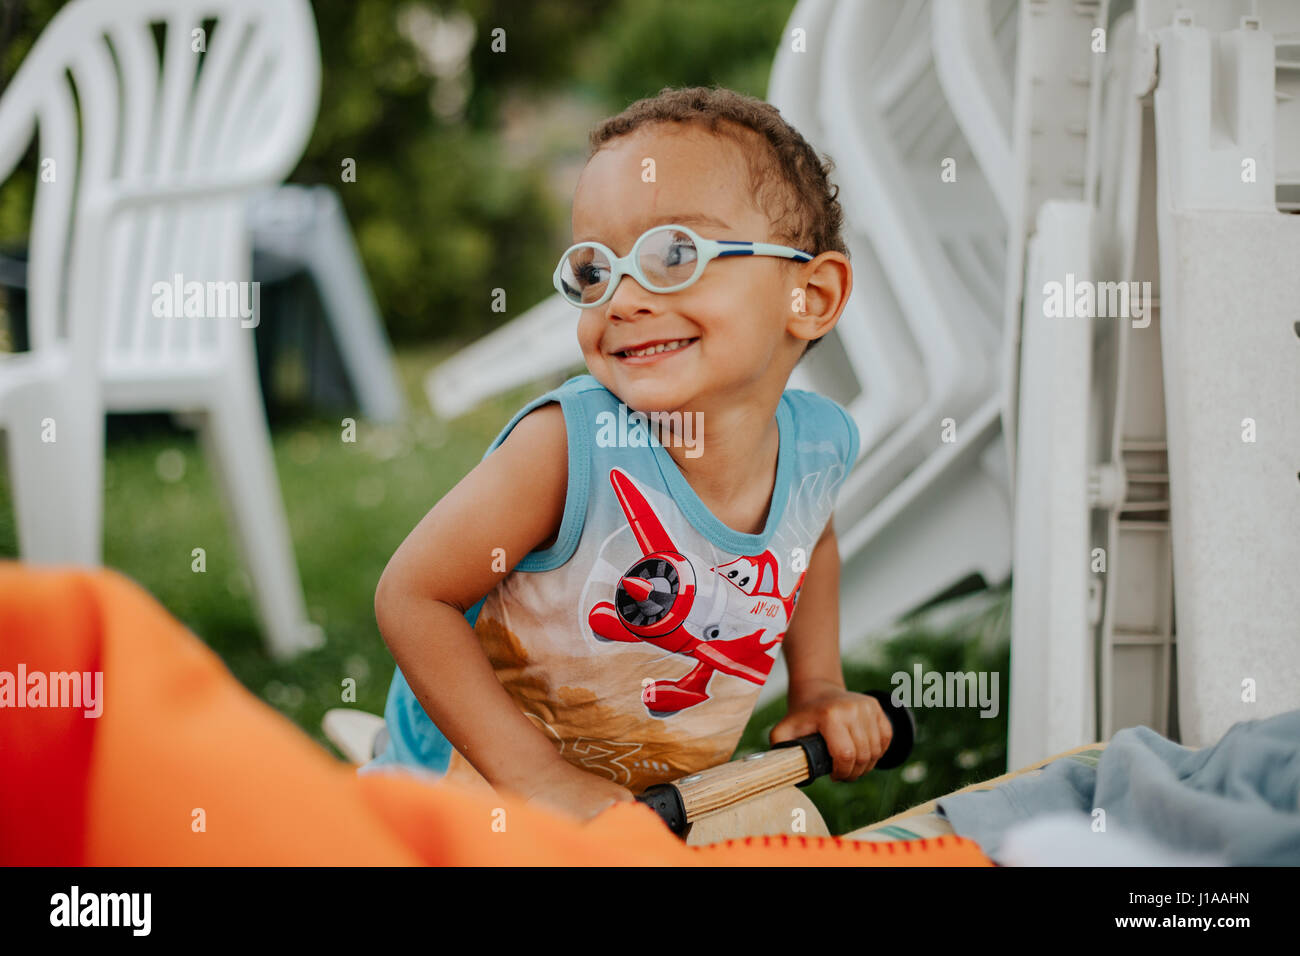 Jeune garçon de couleur s'amuse sur l'oscillation Photo Stock